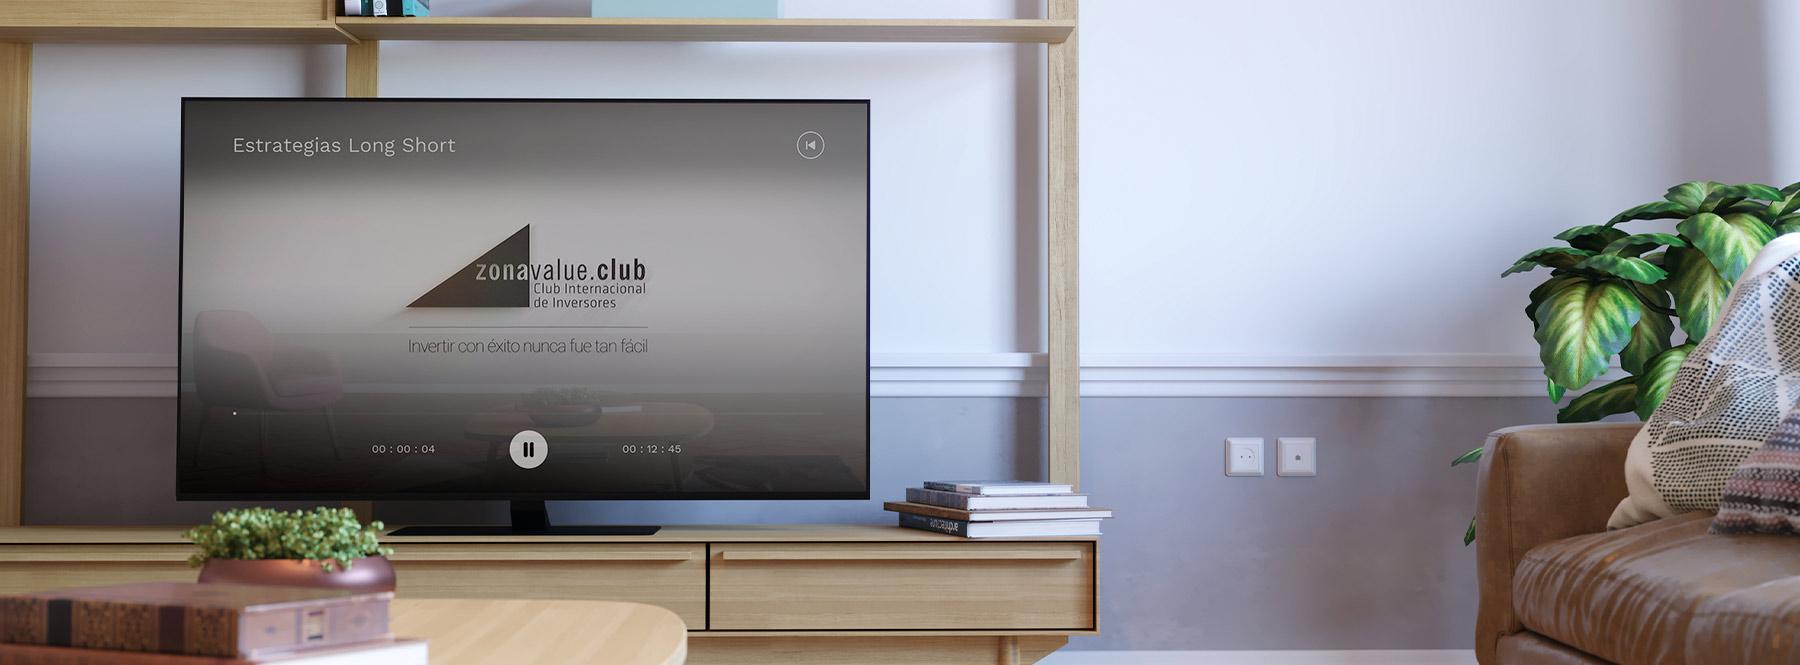 Zonavalue Club: cómo aprender a invertir y ahorrar desde la televisión